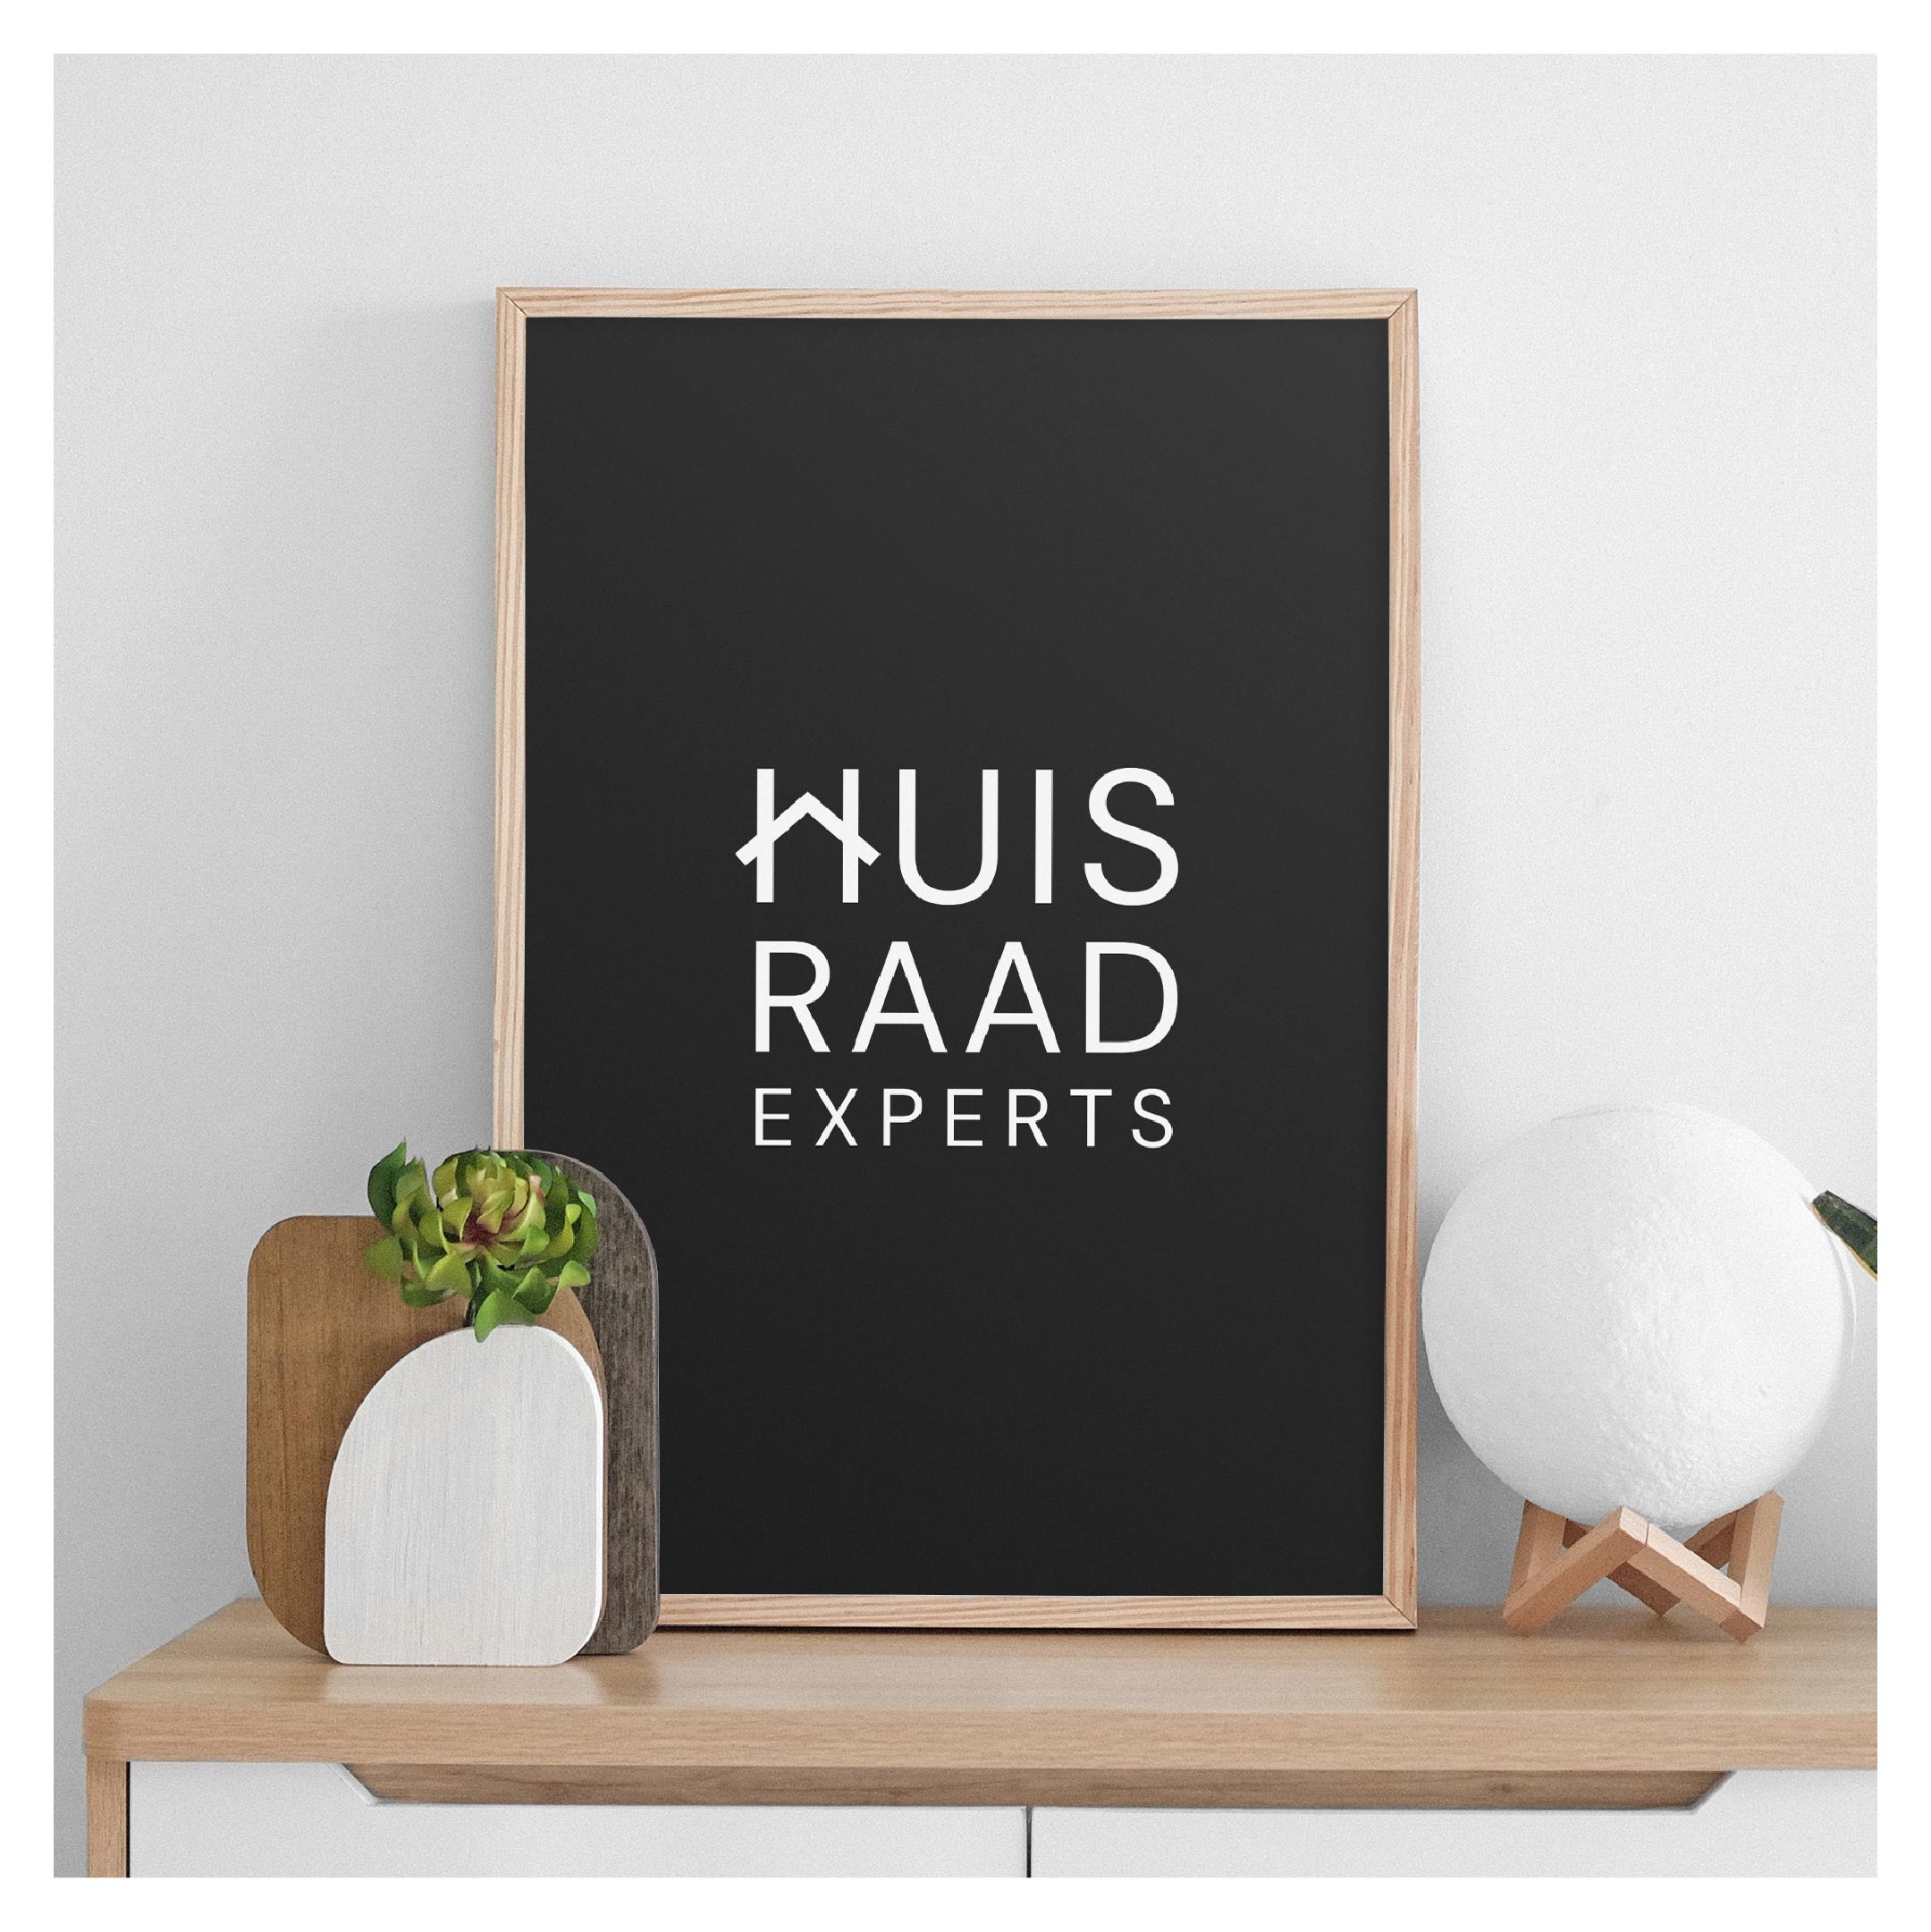 Huis-raad experts logo